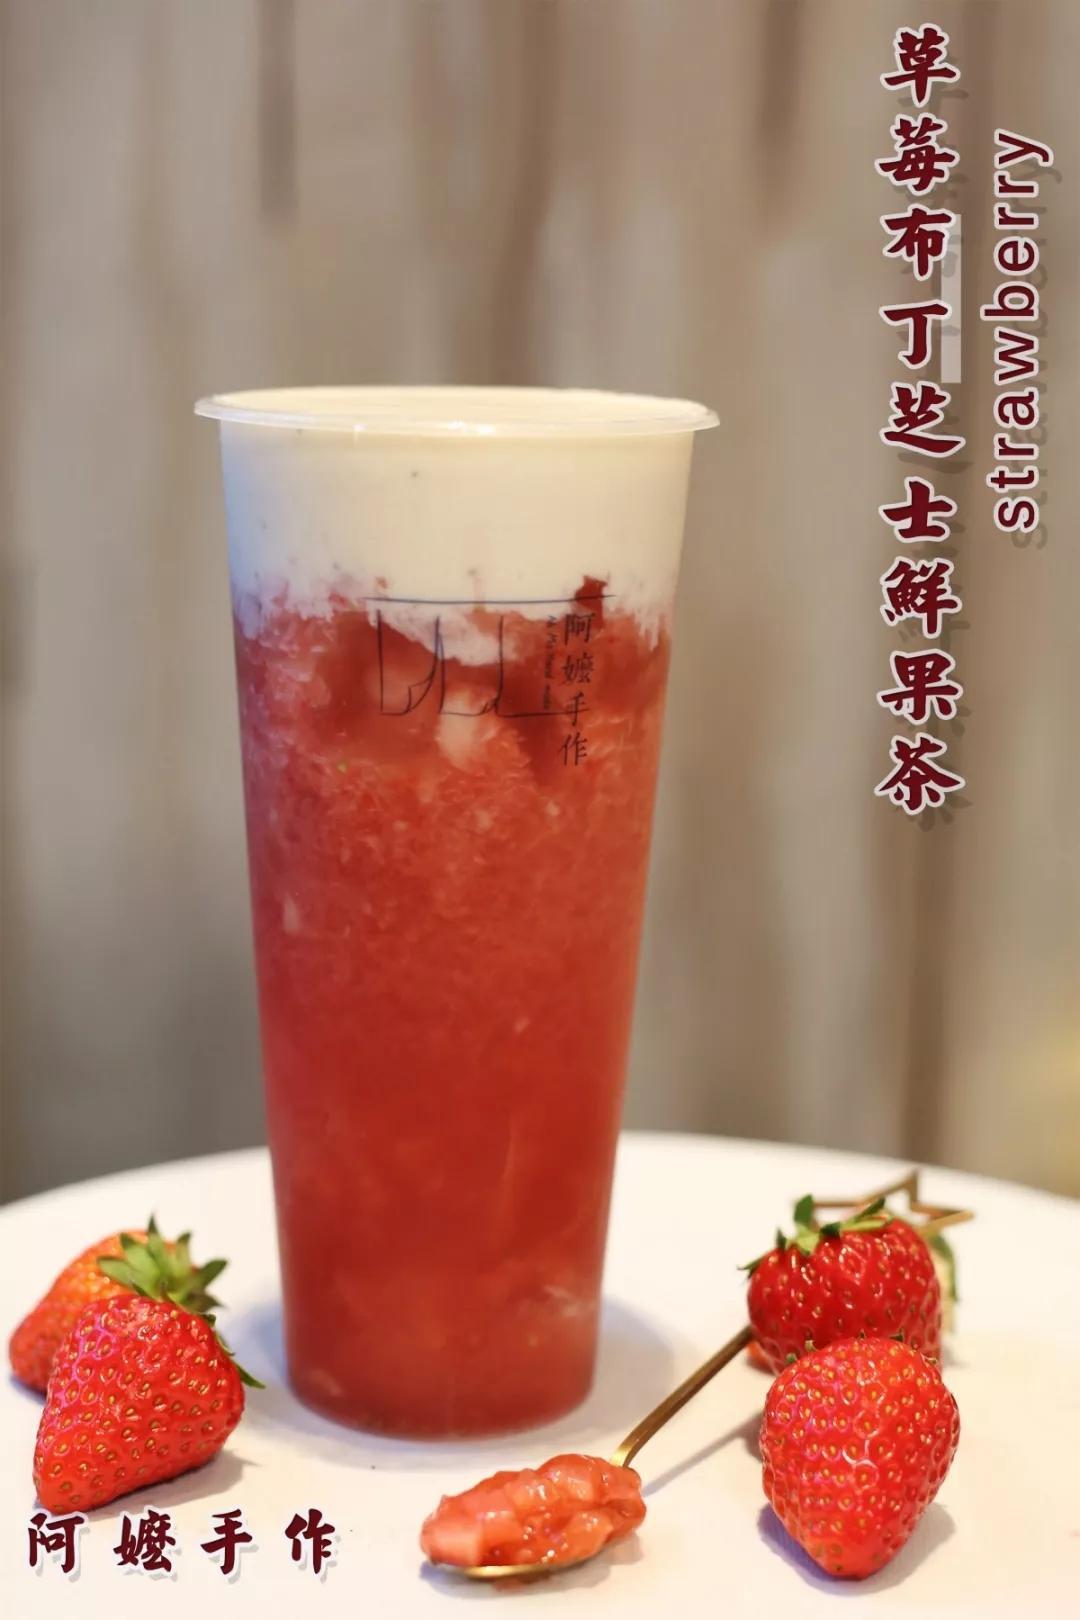 草莓布丁芝士鲜果茶